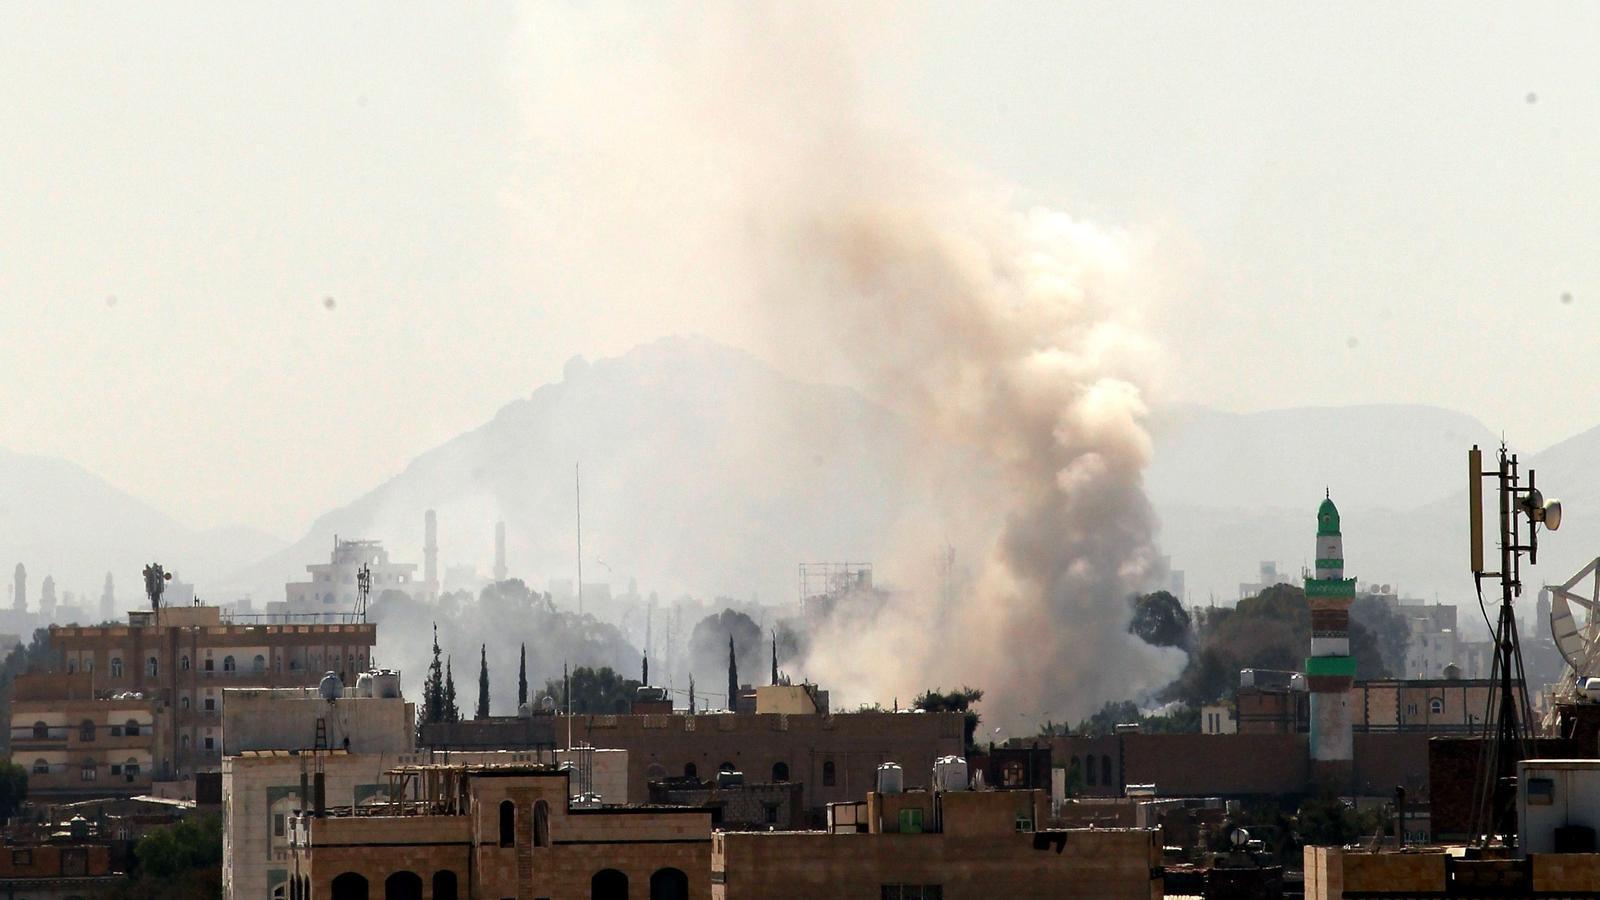 Una columna de fum s'eleva cap al cel des d'un magatzem d'armes de rebels hutis a Sanà, Iemen, el passat divendres 15 de desembre